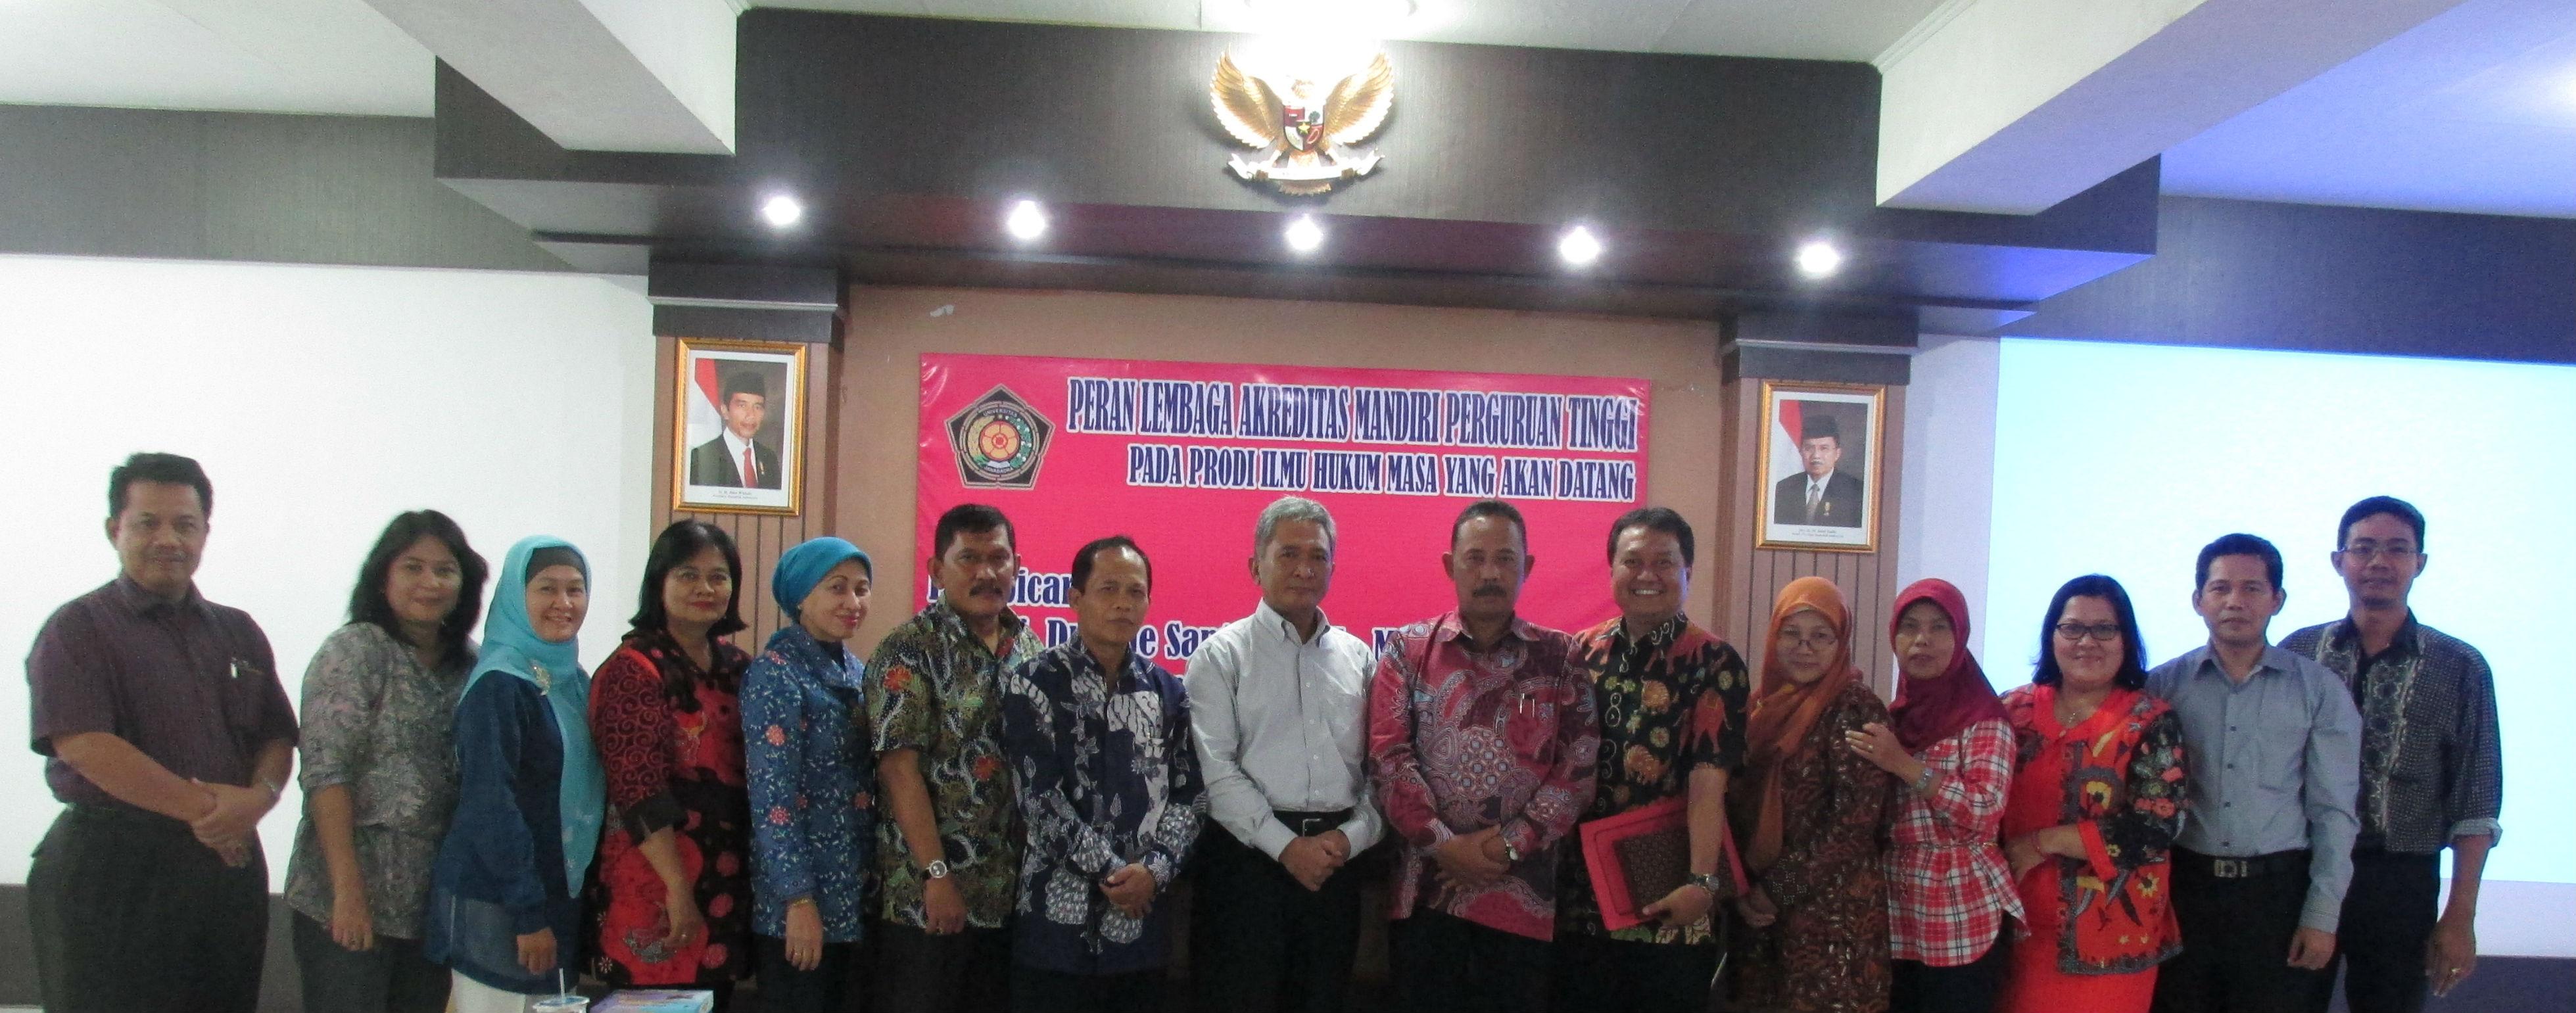 Diskusi LAM PT Hukum Indonesia